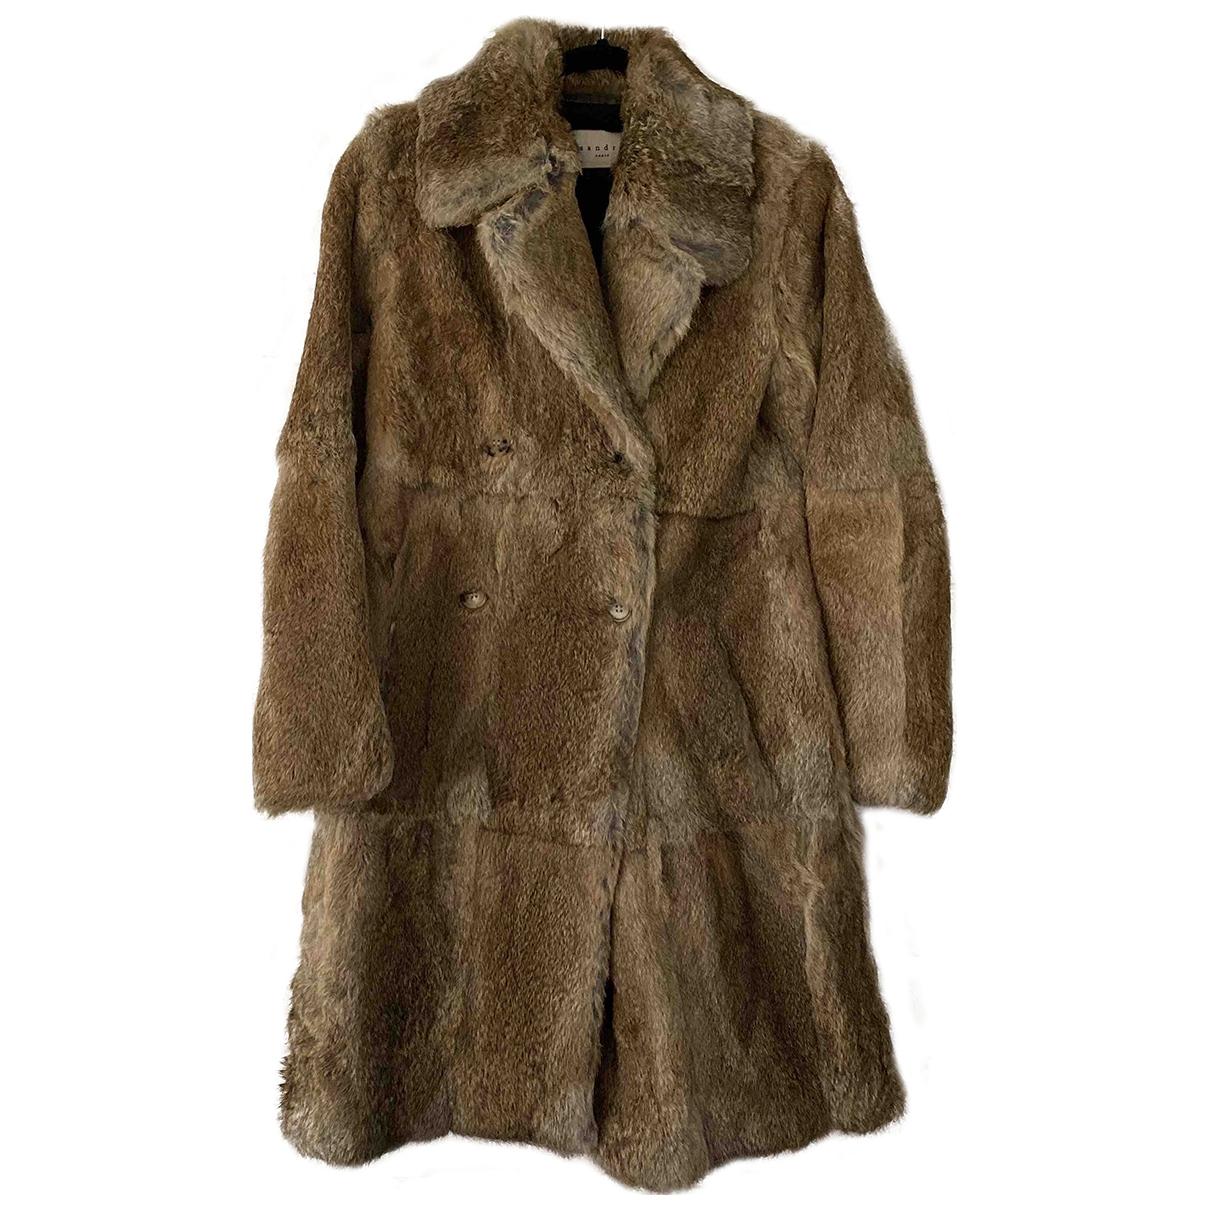 Sandro \N Brown Rabbit coat for Women 1 0-5